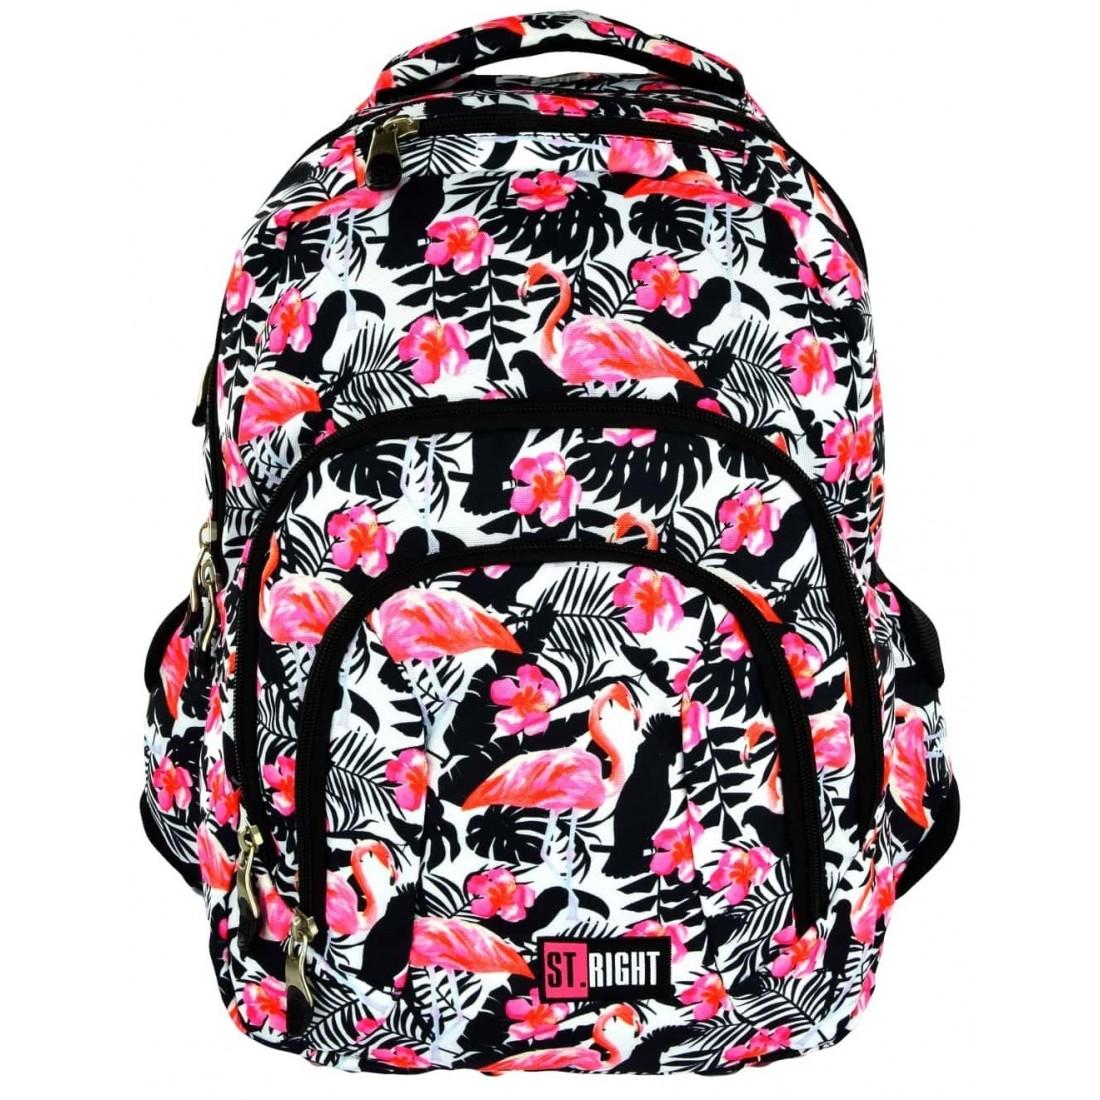 3afe133d60899 Wybierz modny i przemyślany plecak szkolny ST.RIGHT i zobacz ile da Ci  radości!